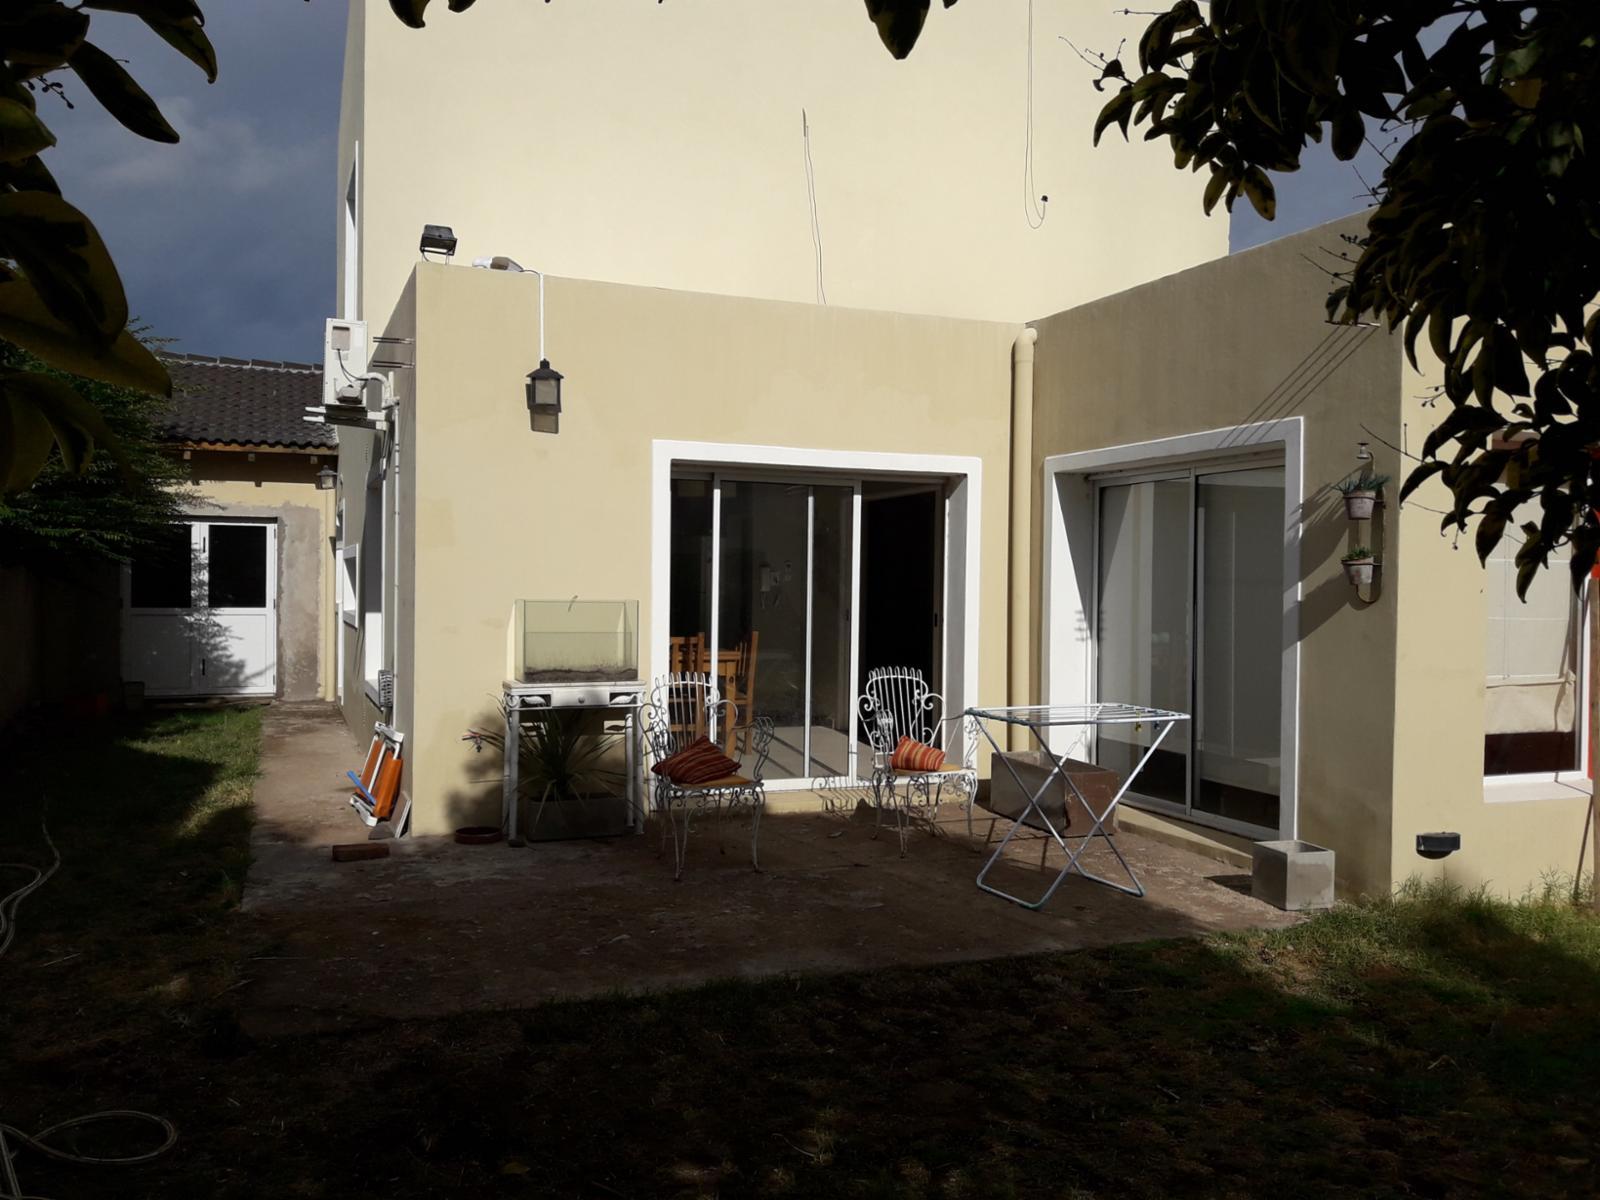 MUY LINDA CASA EN VILLA AMALIA, Guillermo Sanchez Desarrollos Inmobiliarios